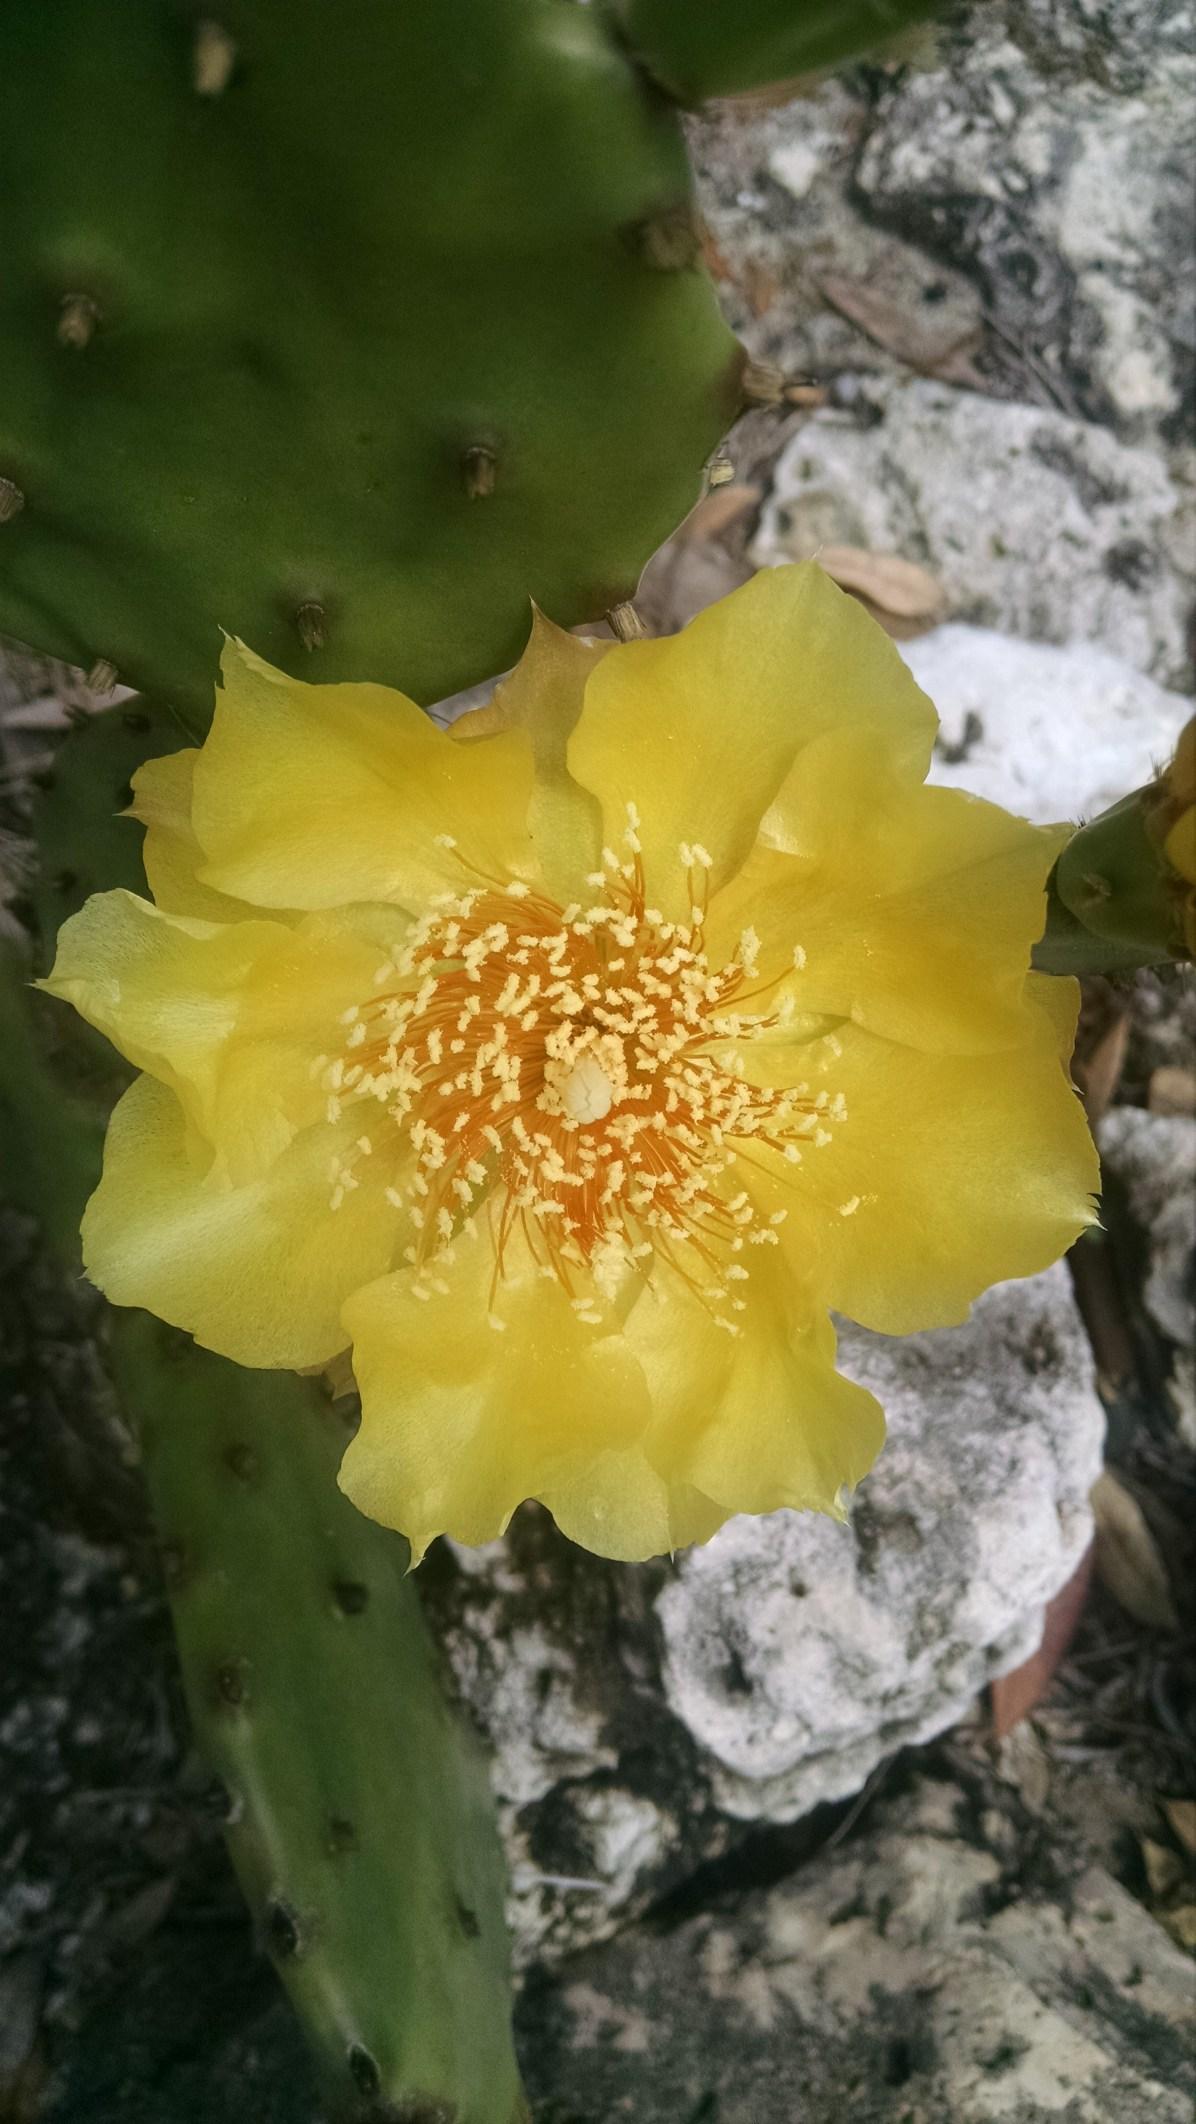 yellow cactus closeup